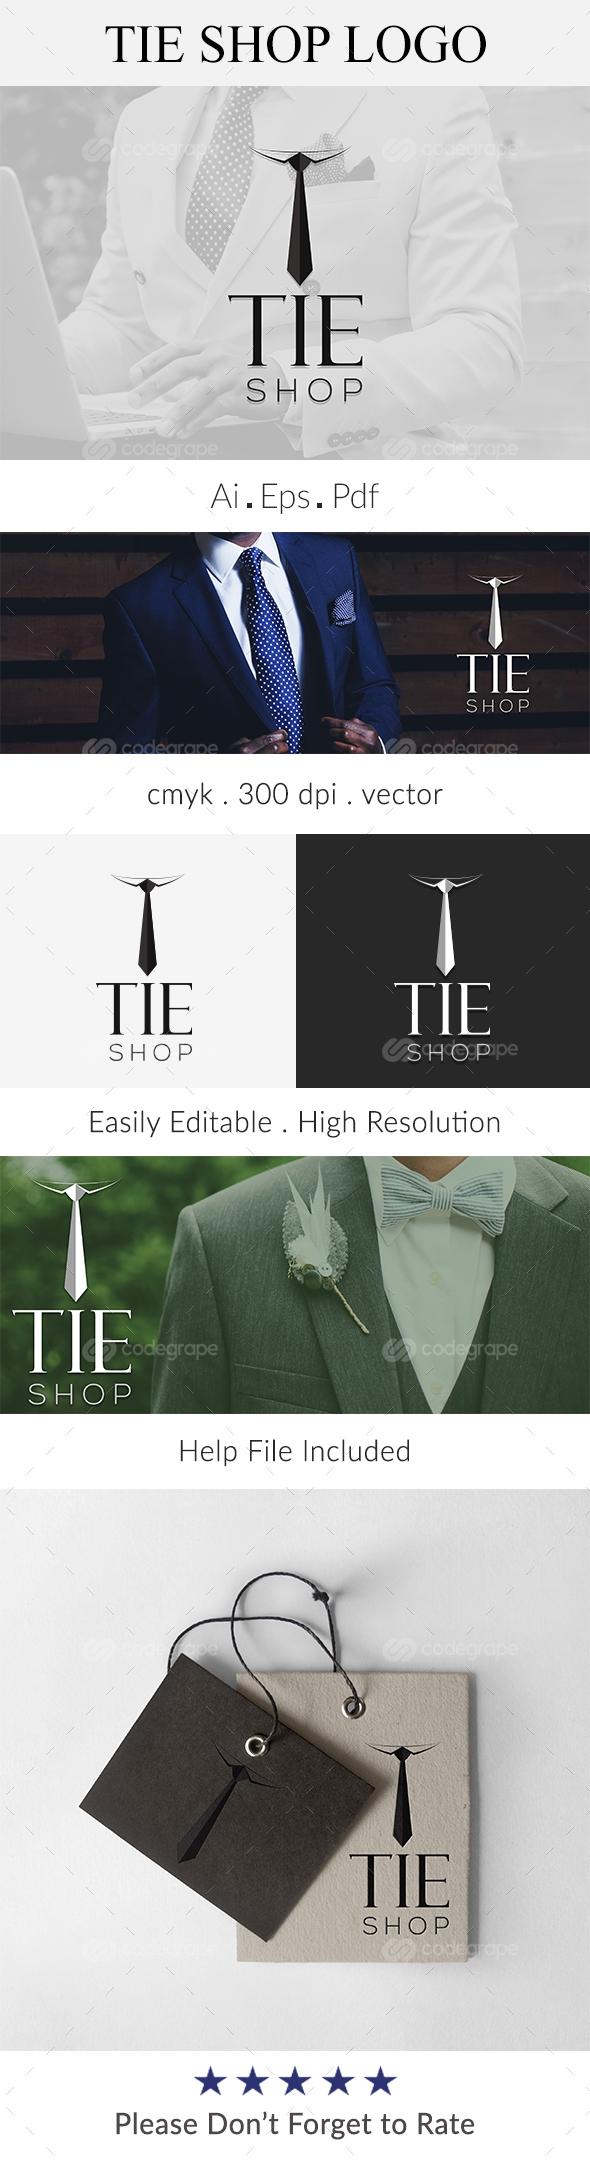 TIE Shop Logo